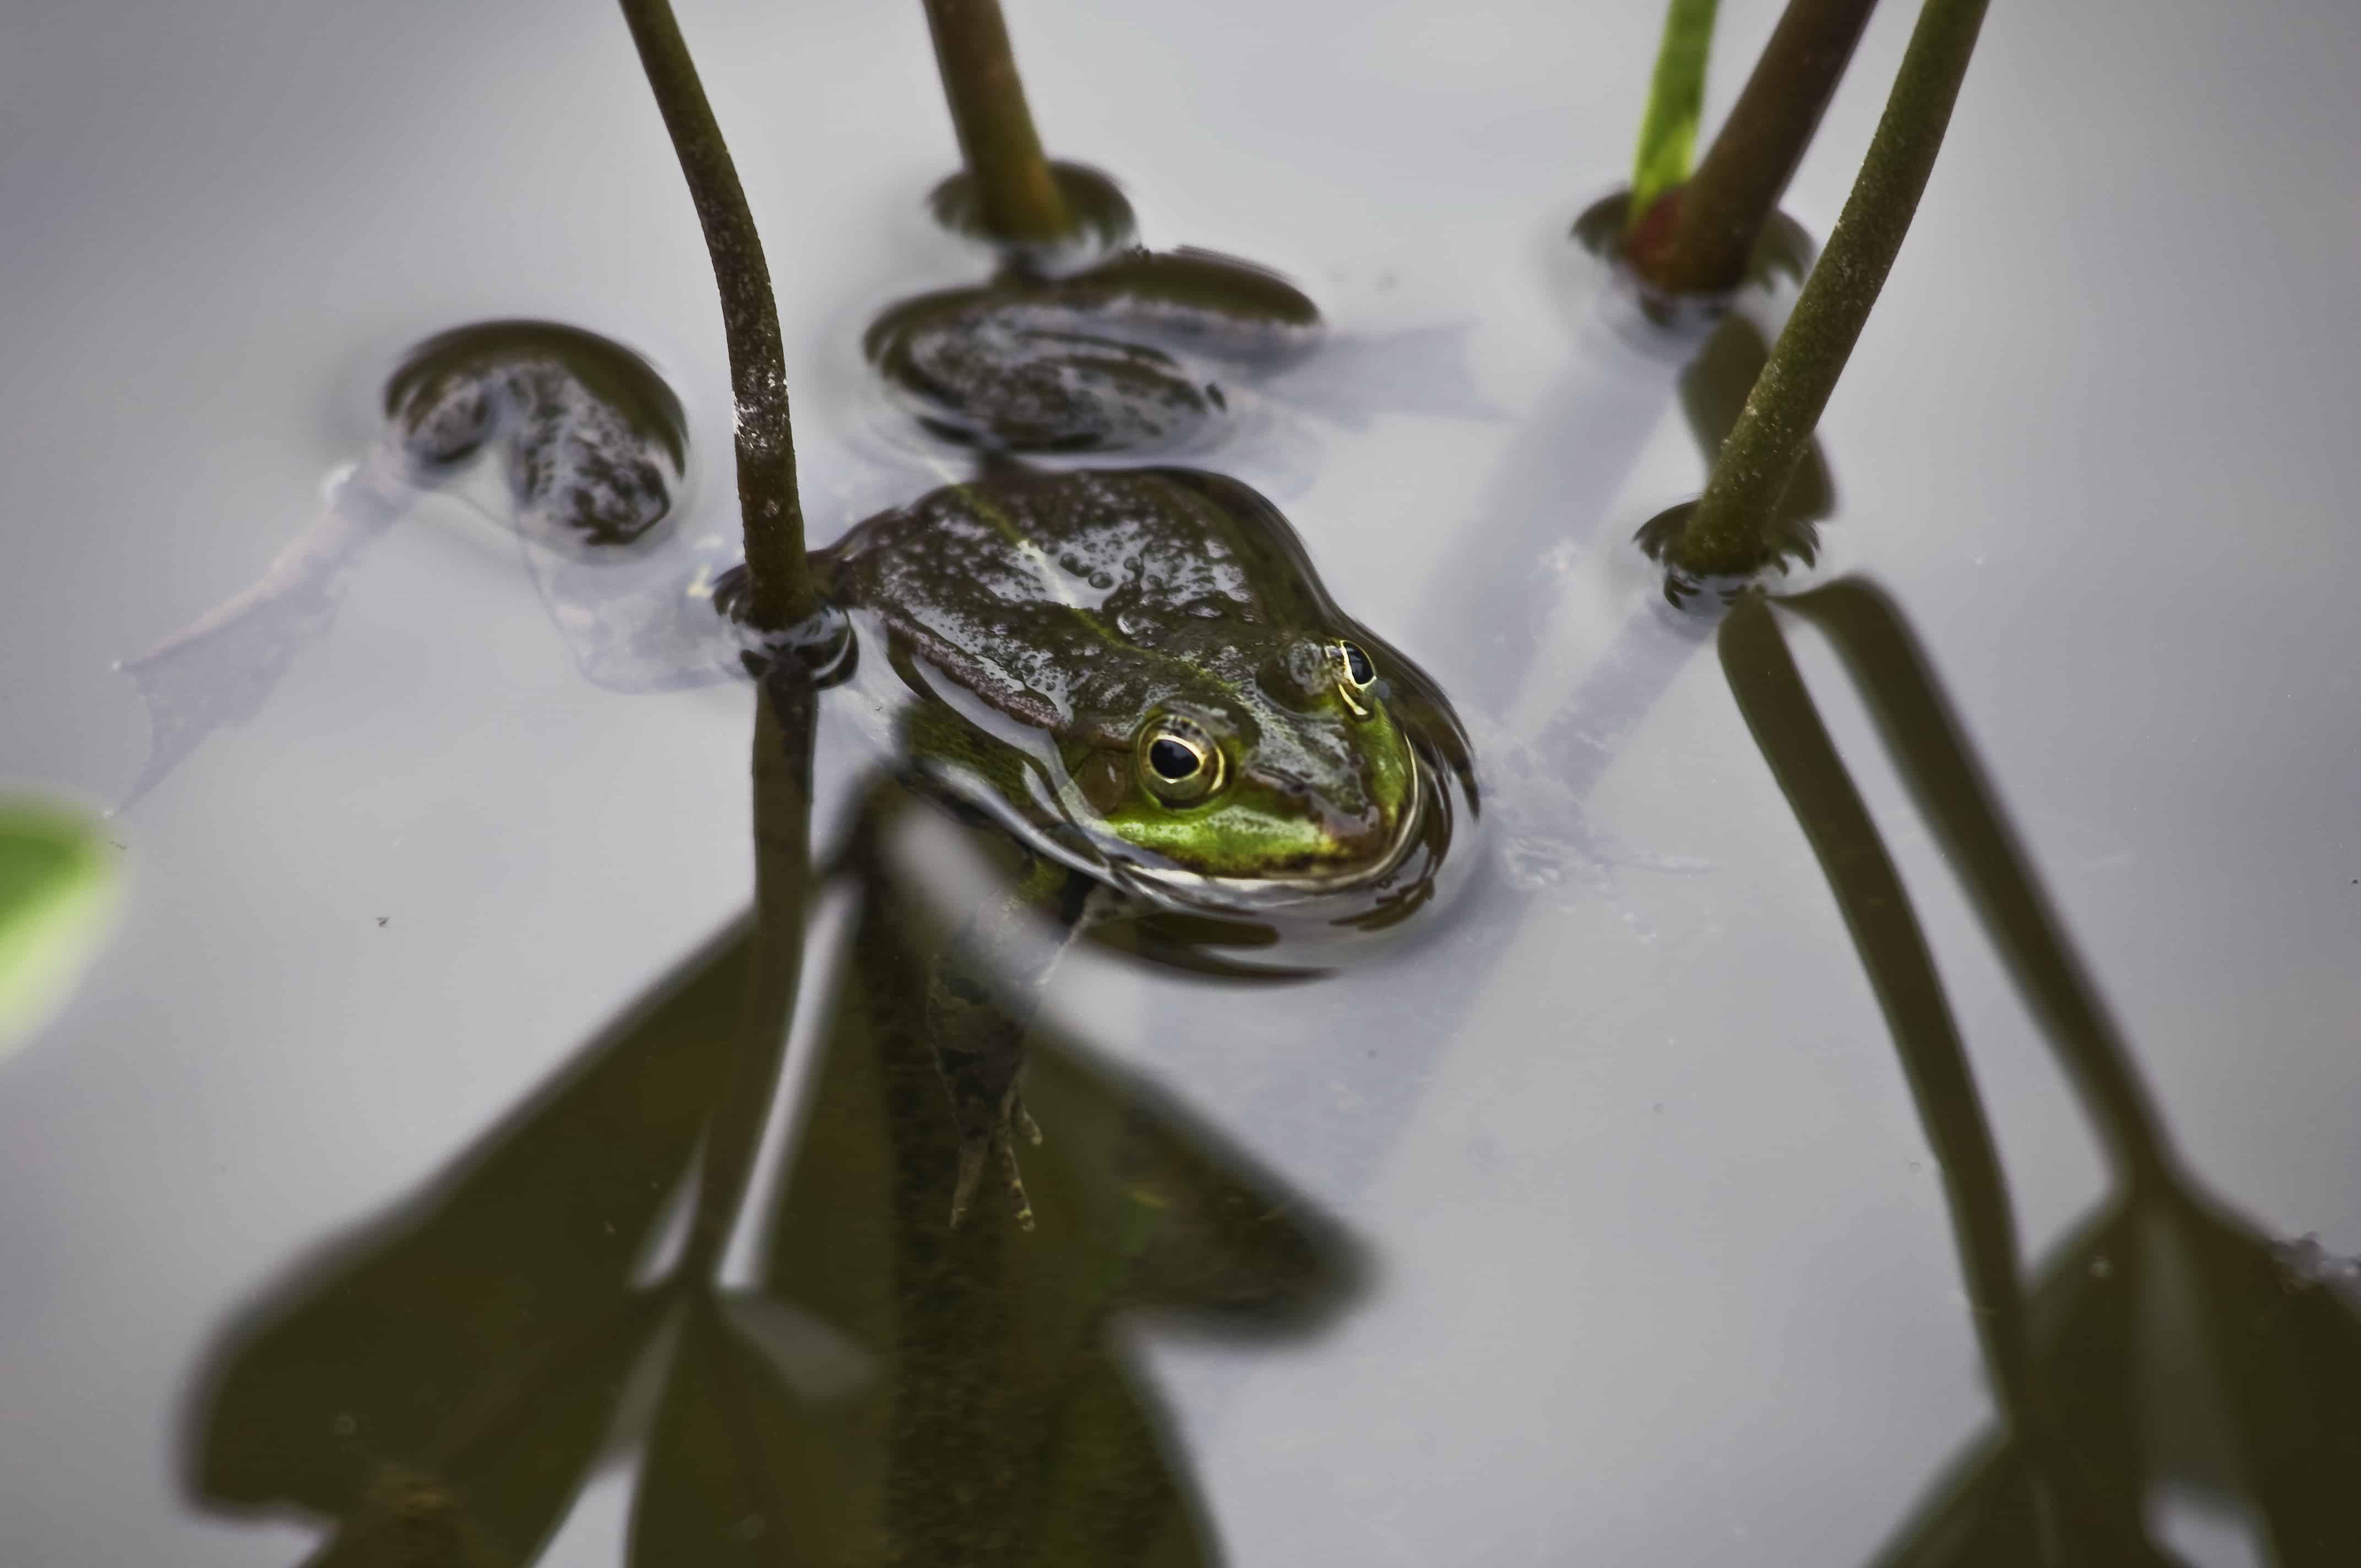 Faszination Teich - Hohe Anziehungskraft bei Mensch und Tier 2